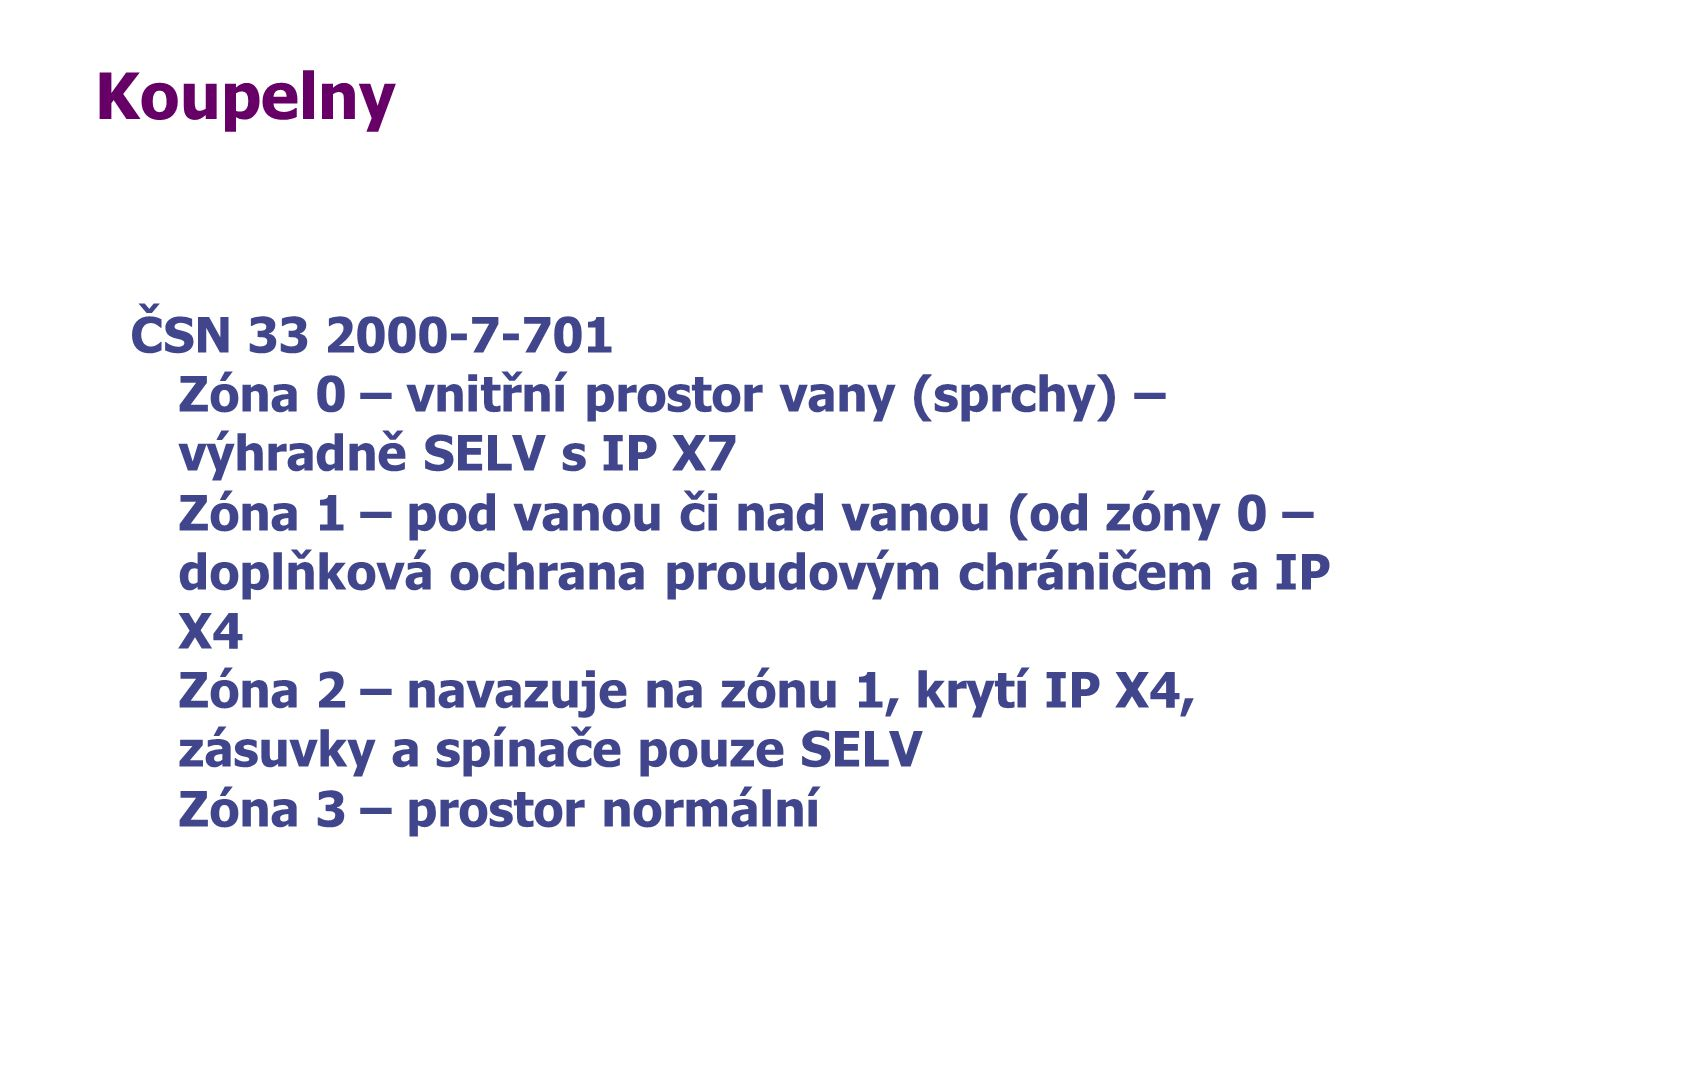 Koupelny ČSN 33 2000-7-701 Zóna 0 – vnitřní prostor vany (sprchy) –